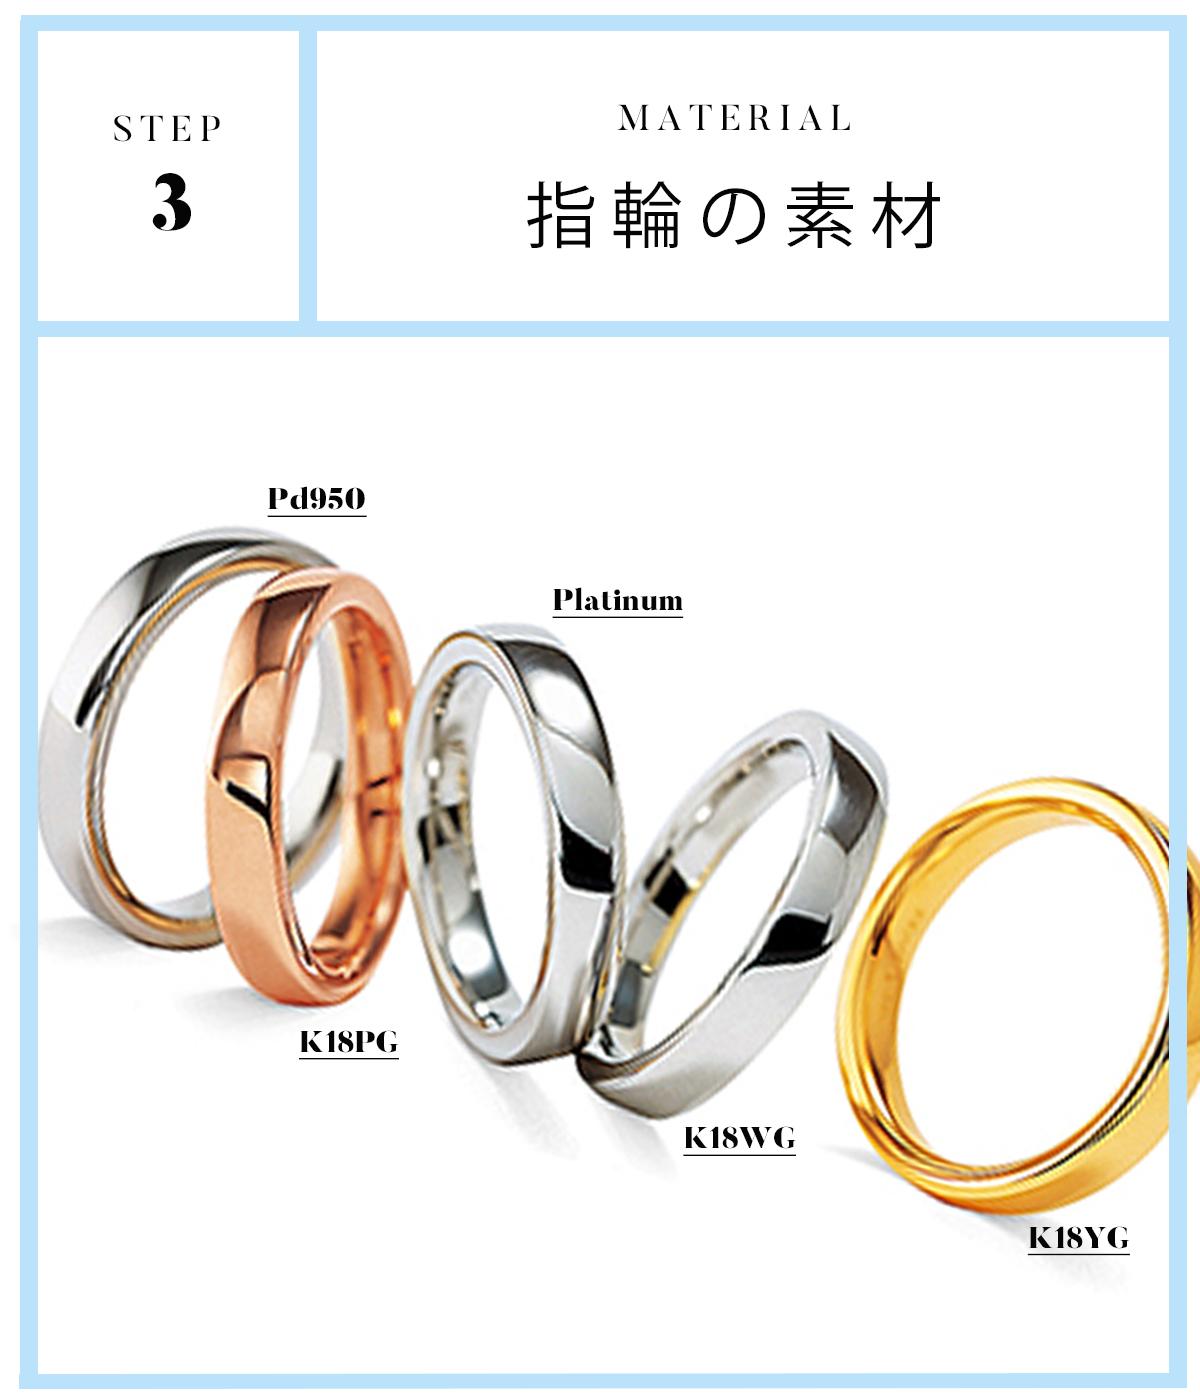 広島県広島市と広島県福山市のセレクトジュエリーショップヴァニラがおすすめするFURRERJACOTフラージャコ―の人気の結婚指輪シリーズ3